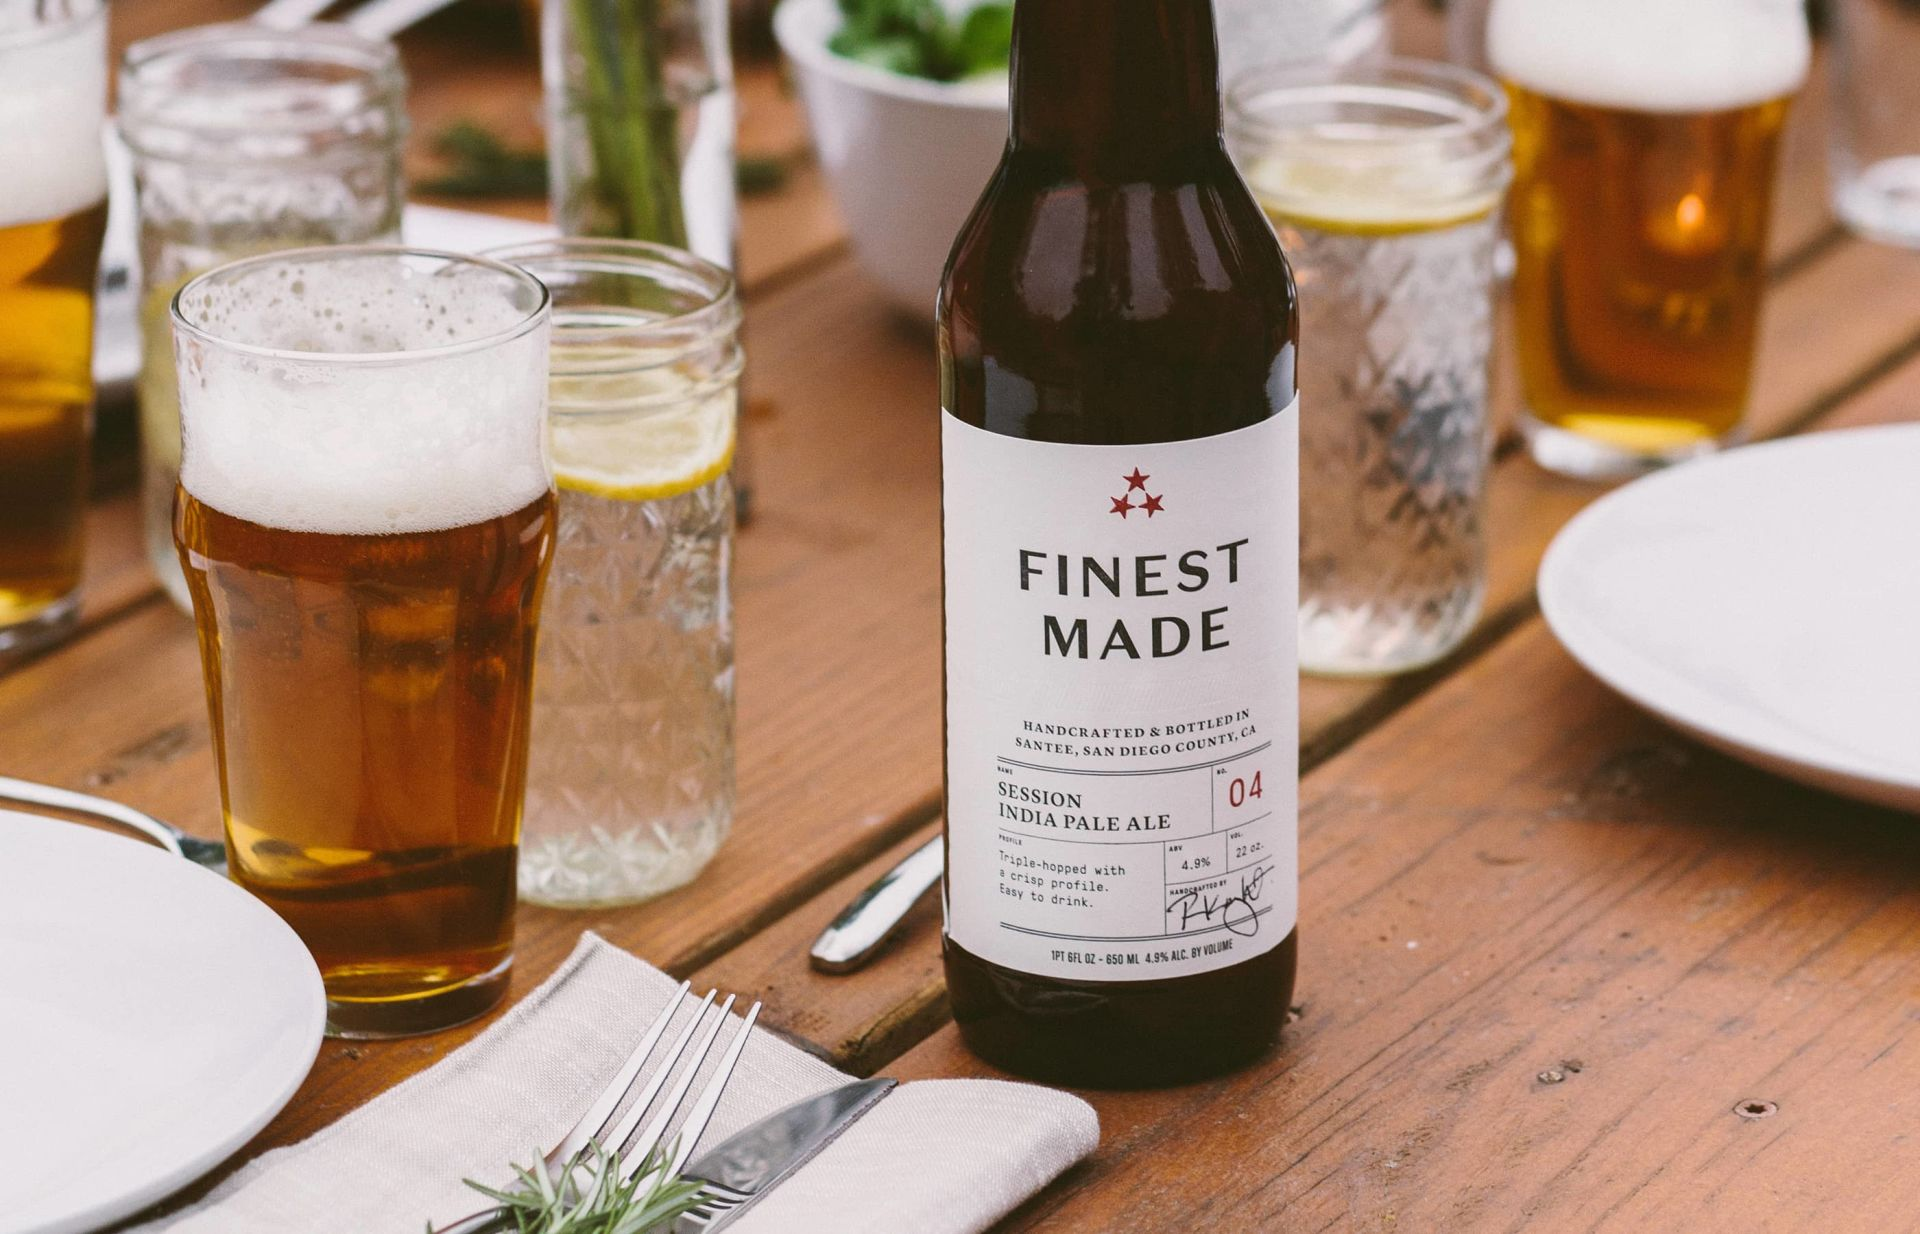 Finest Made Craft Beer Label Design